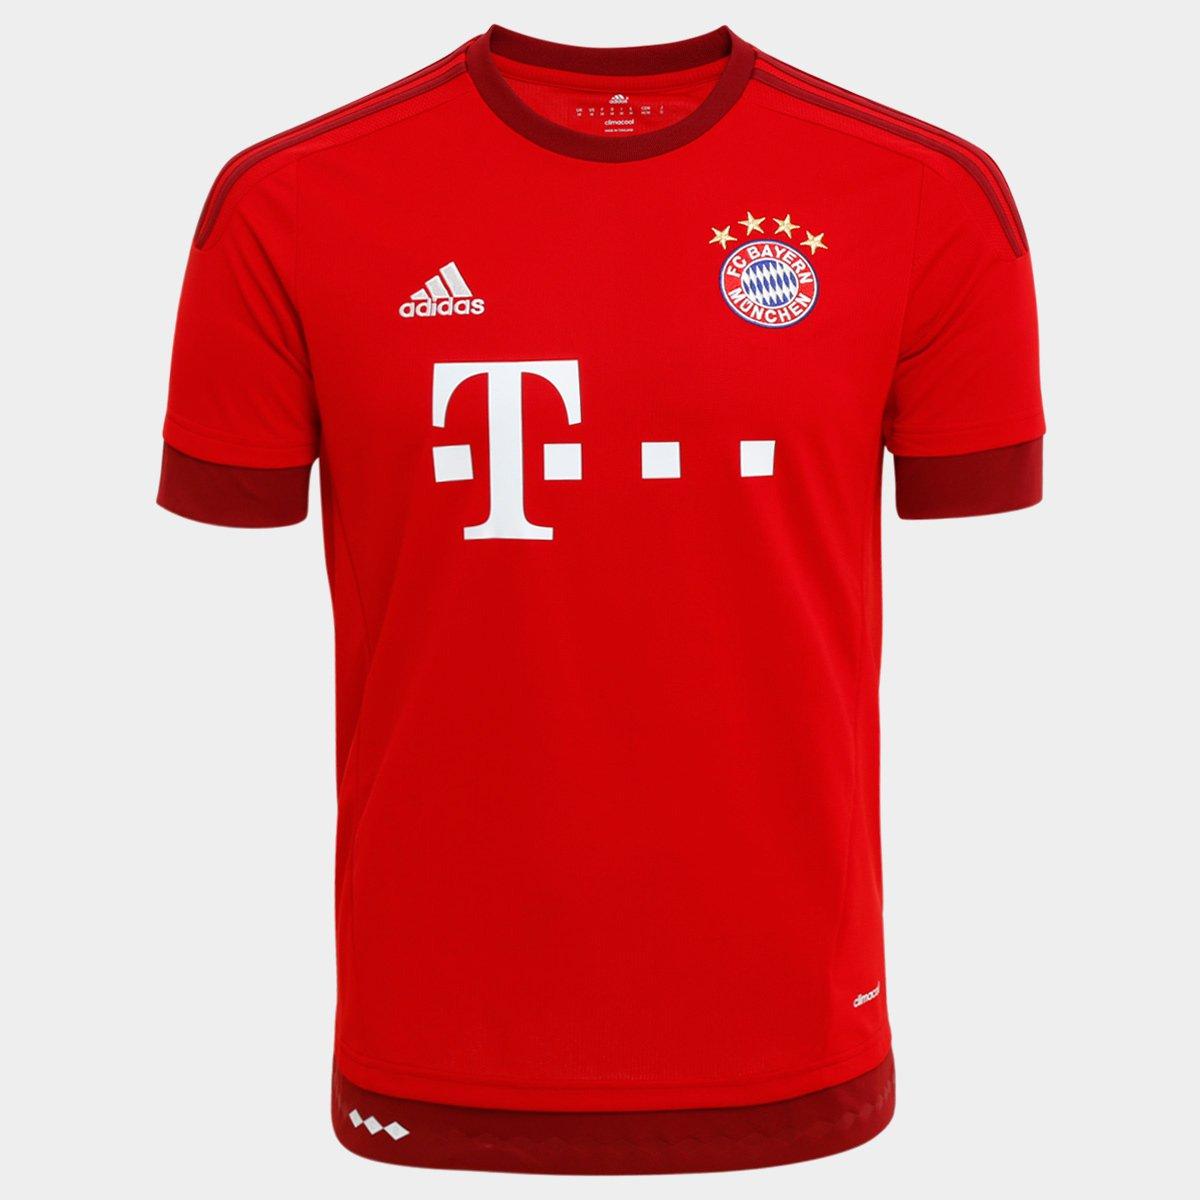 Camisa Bayern de Munique Home 15 16 s nº Torcedor Adidas Masculina - Compre  Agora  69018583d9fc0